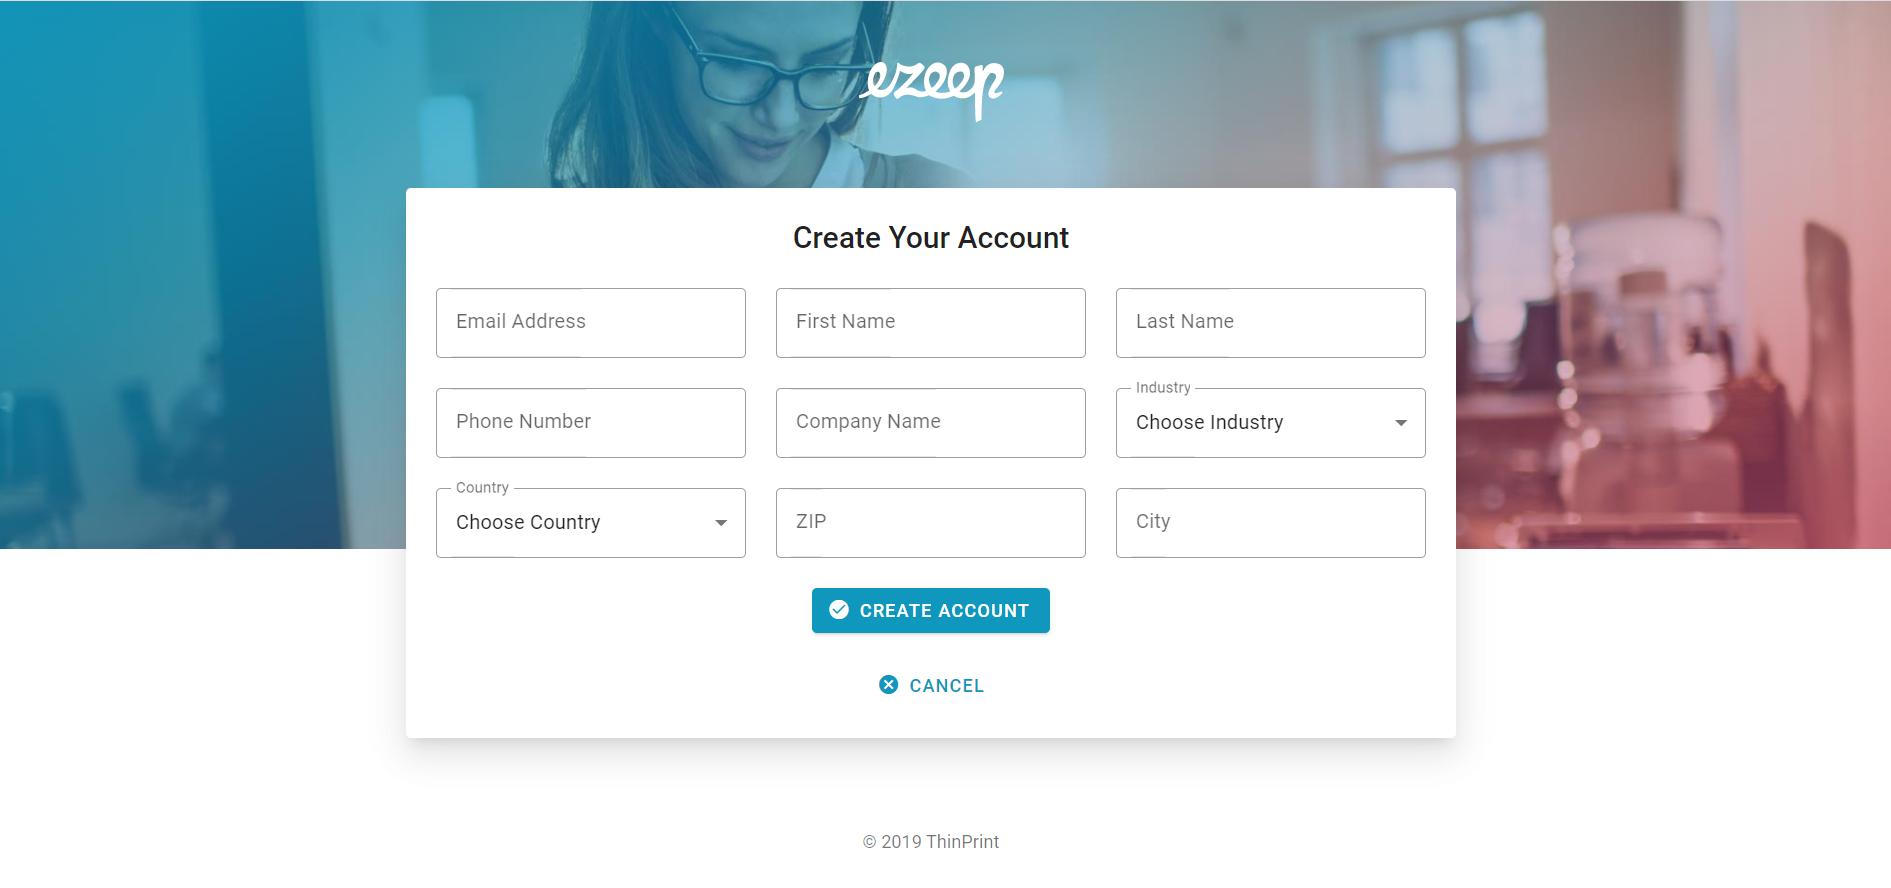 screenshot: fill out organization details